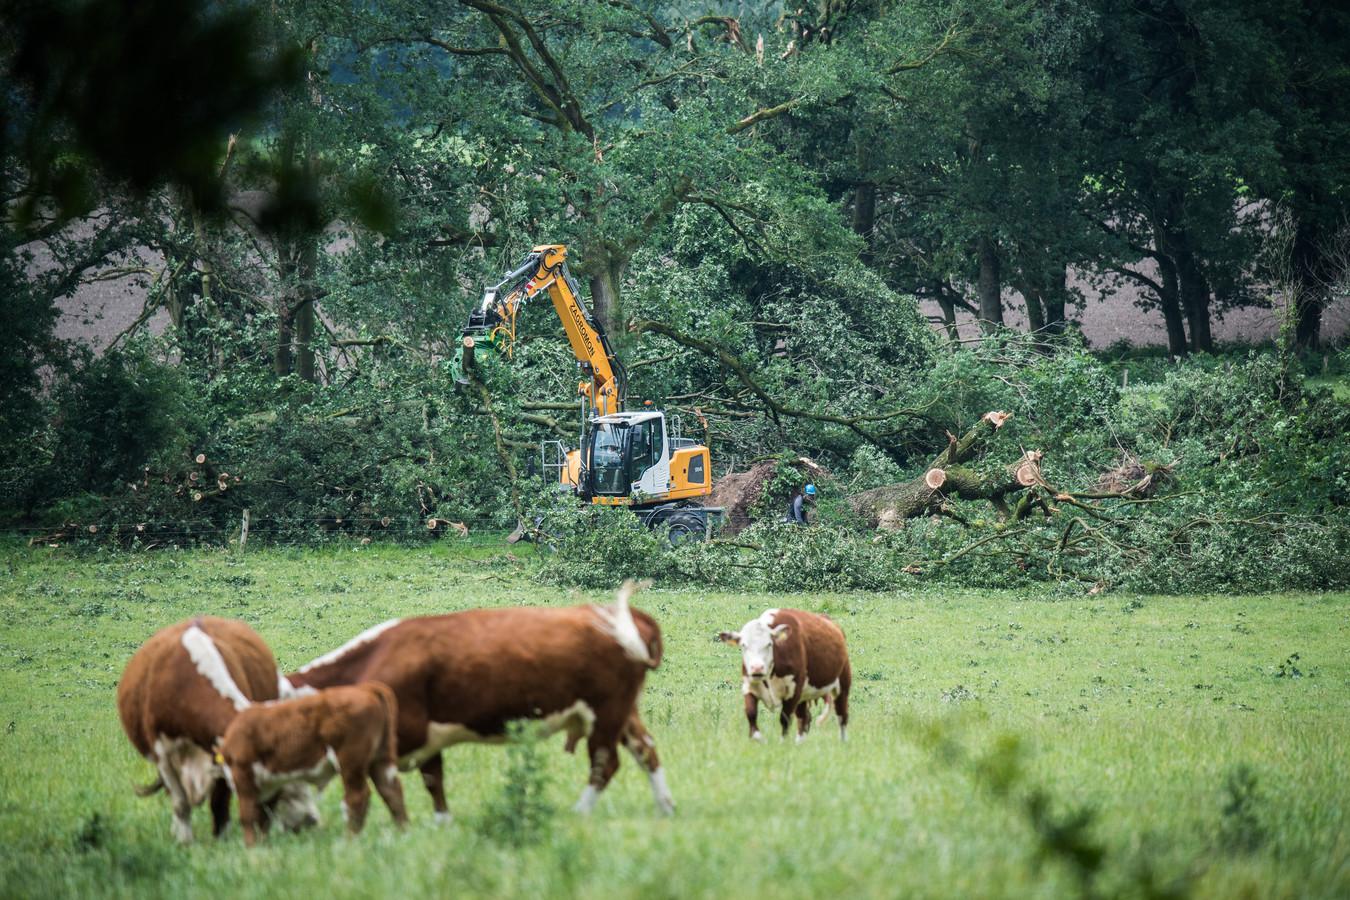 Koeien grazen terwijl de stormschade wordt opgeruimd bij Park Veluwezoom.